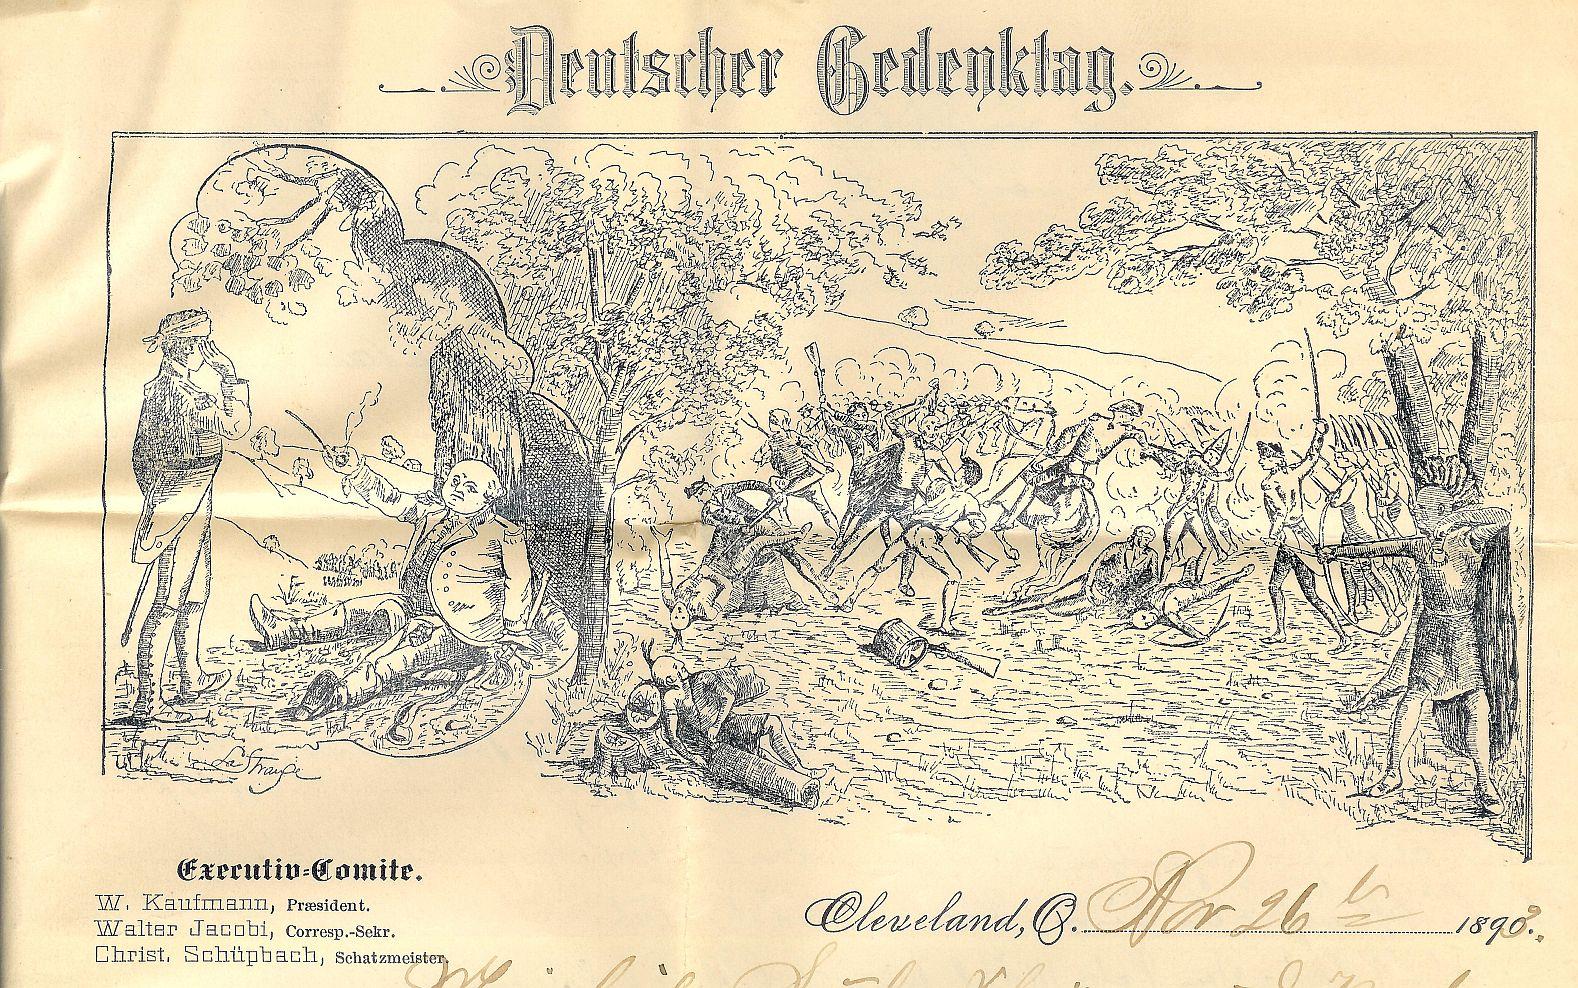 Deutscher Gedenktag